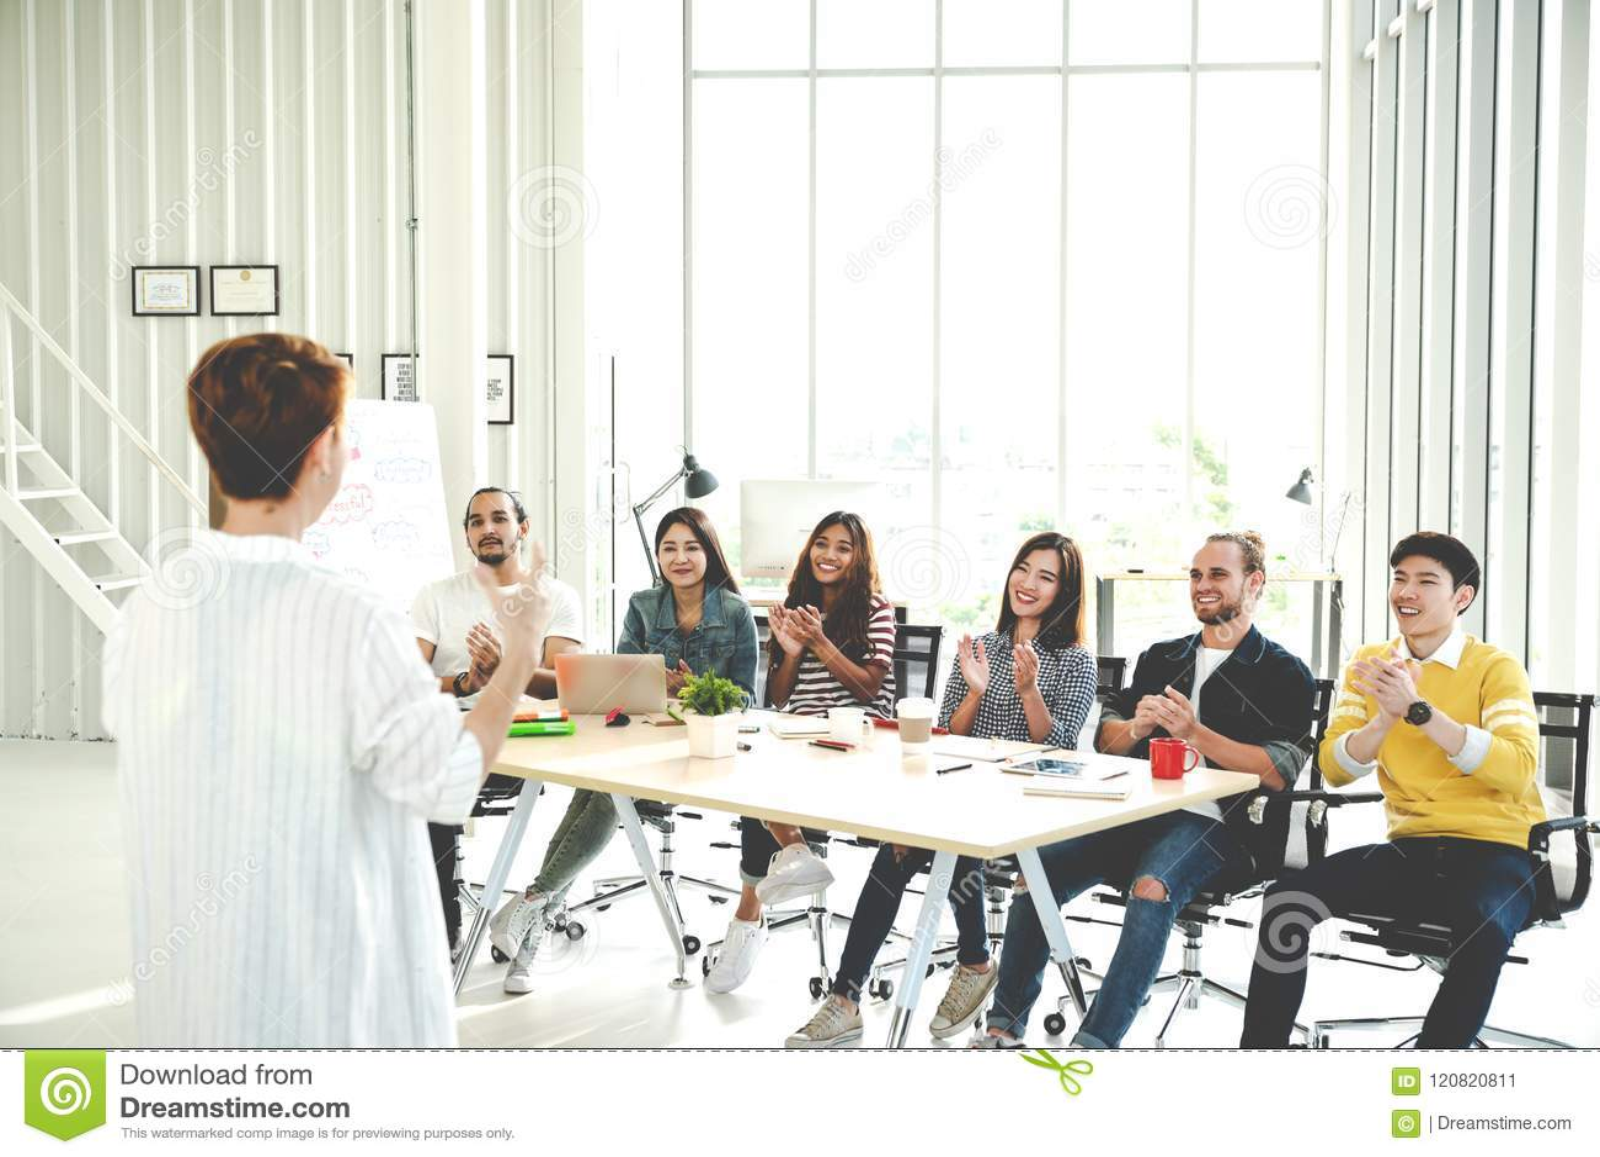 De onderneemster verklaart ideeën zich van creatief divers team op modern kantoor te groeperen Achtermening van manager gesturing